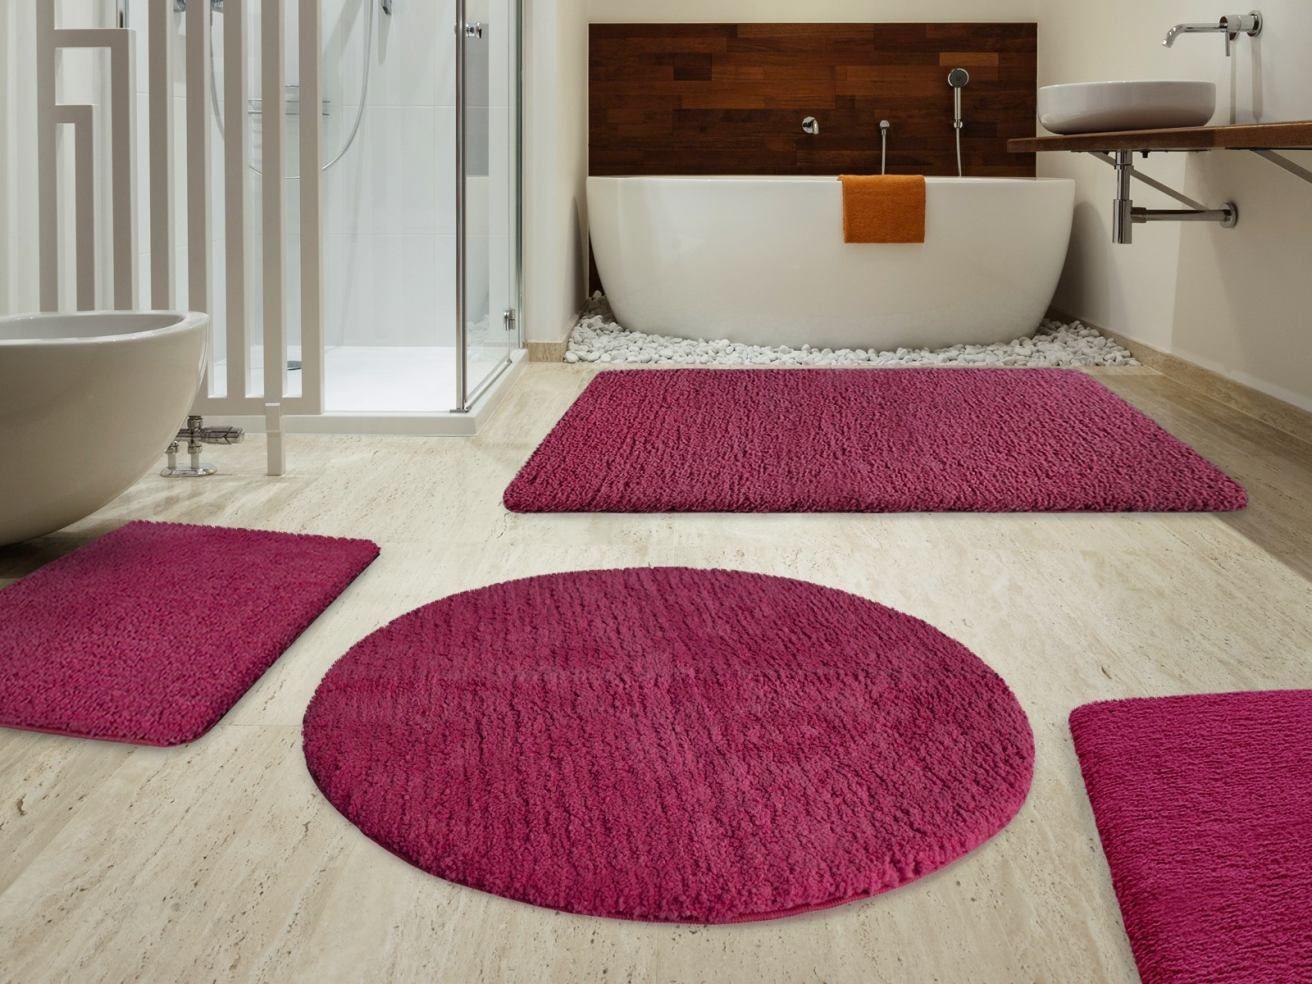 Wunderbare Lavendel Badezimmer Teppiche Lesen Sie Unsere Bad Design Ideen Tipps Und Geheimnisse Fur Die Herstellung Die Die Me Teppich Bad Design Badezimmer